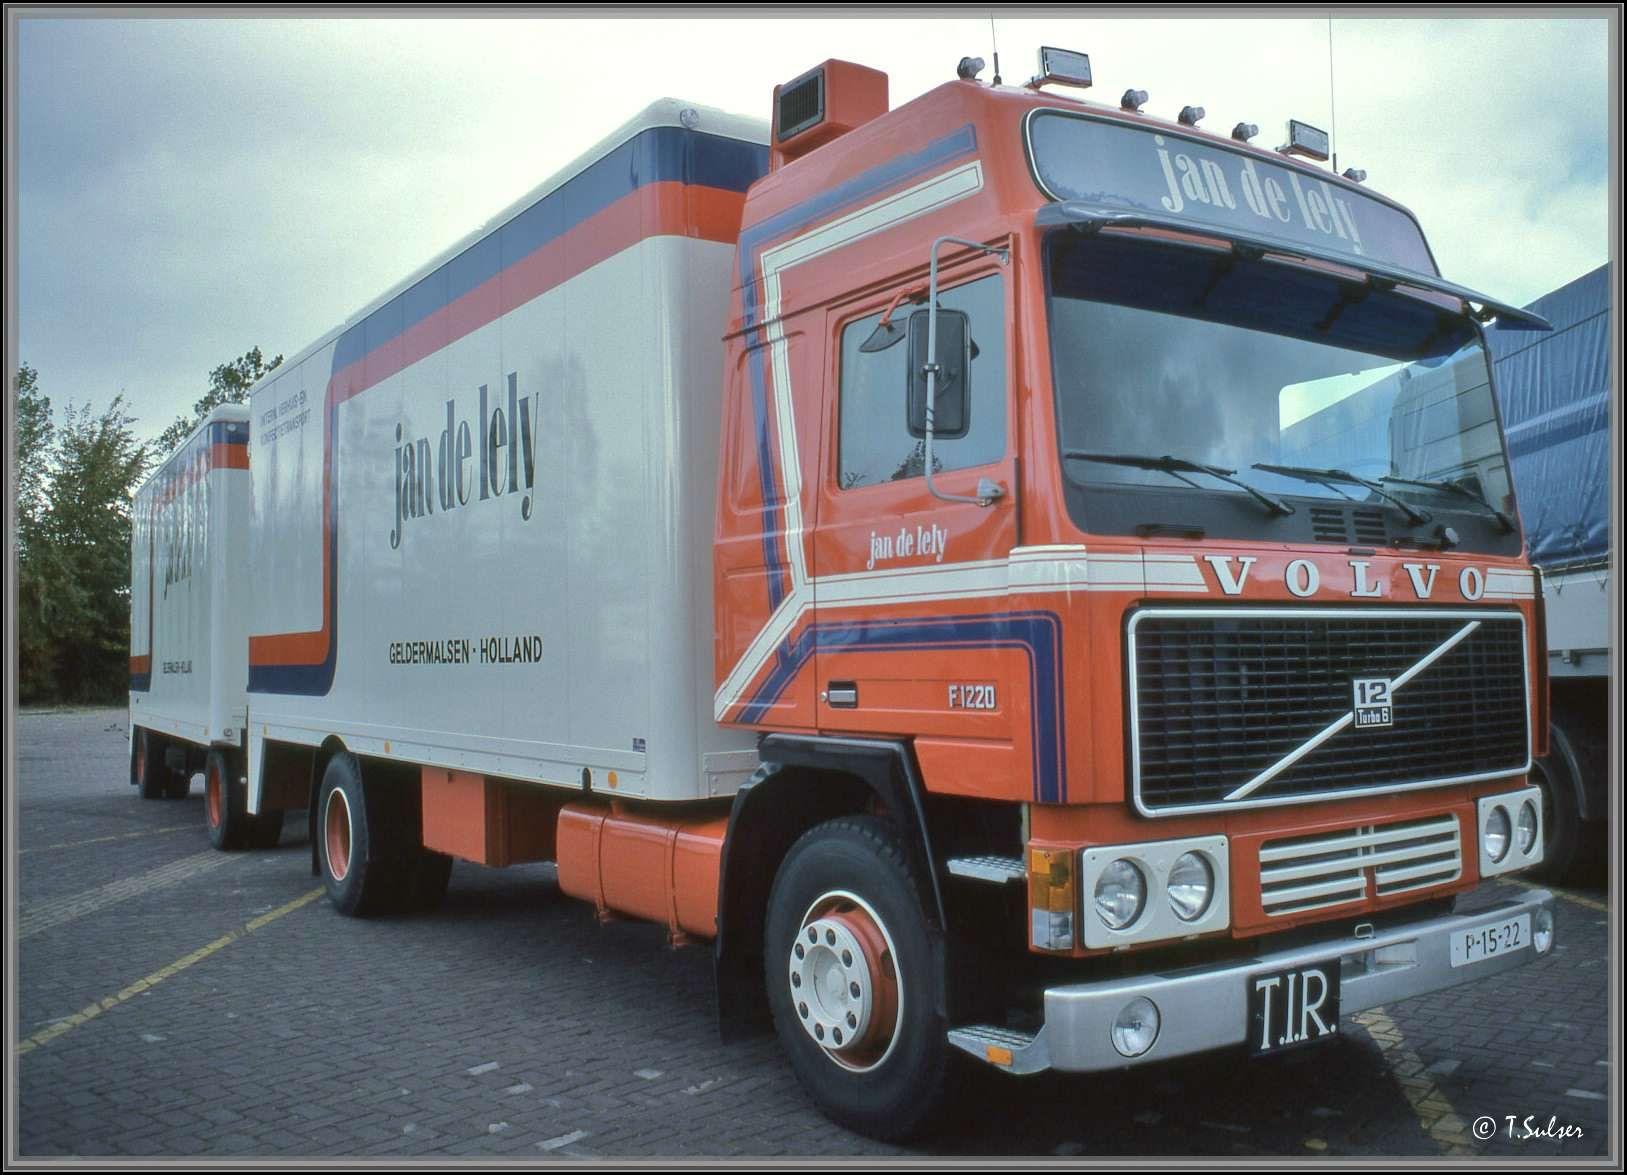 Eric-Bauw-Dit-is-de-auto-van-mijn-vader-geweest-was-de-eerste-Volvo-globetrotter-op-Nederlands-kenteken-72-VB-06